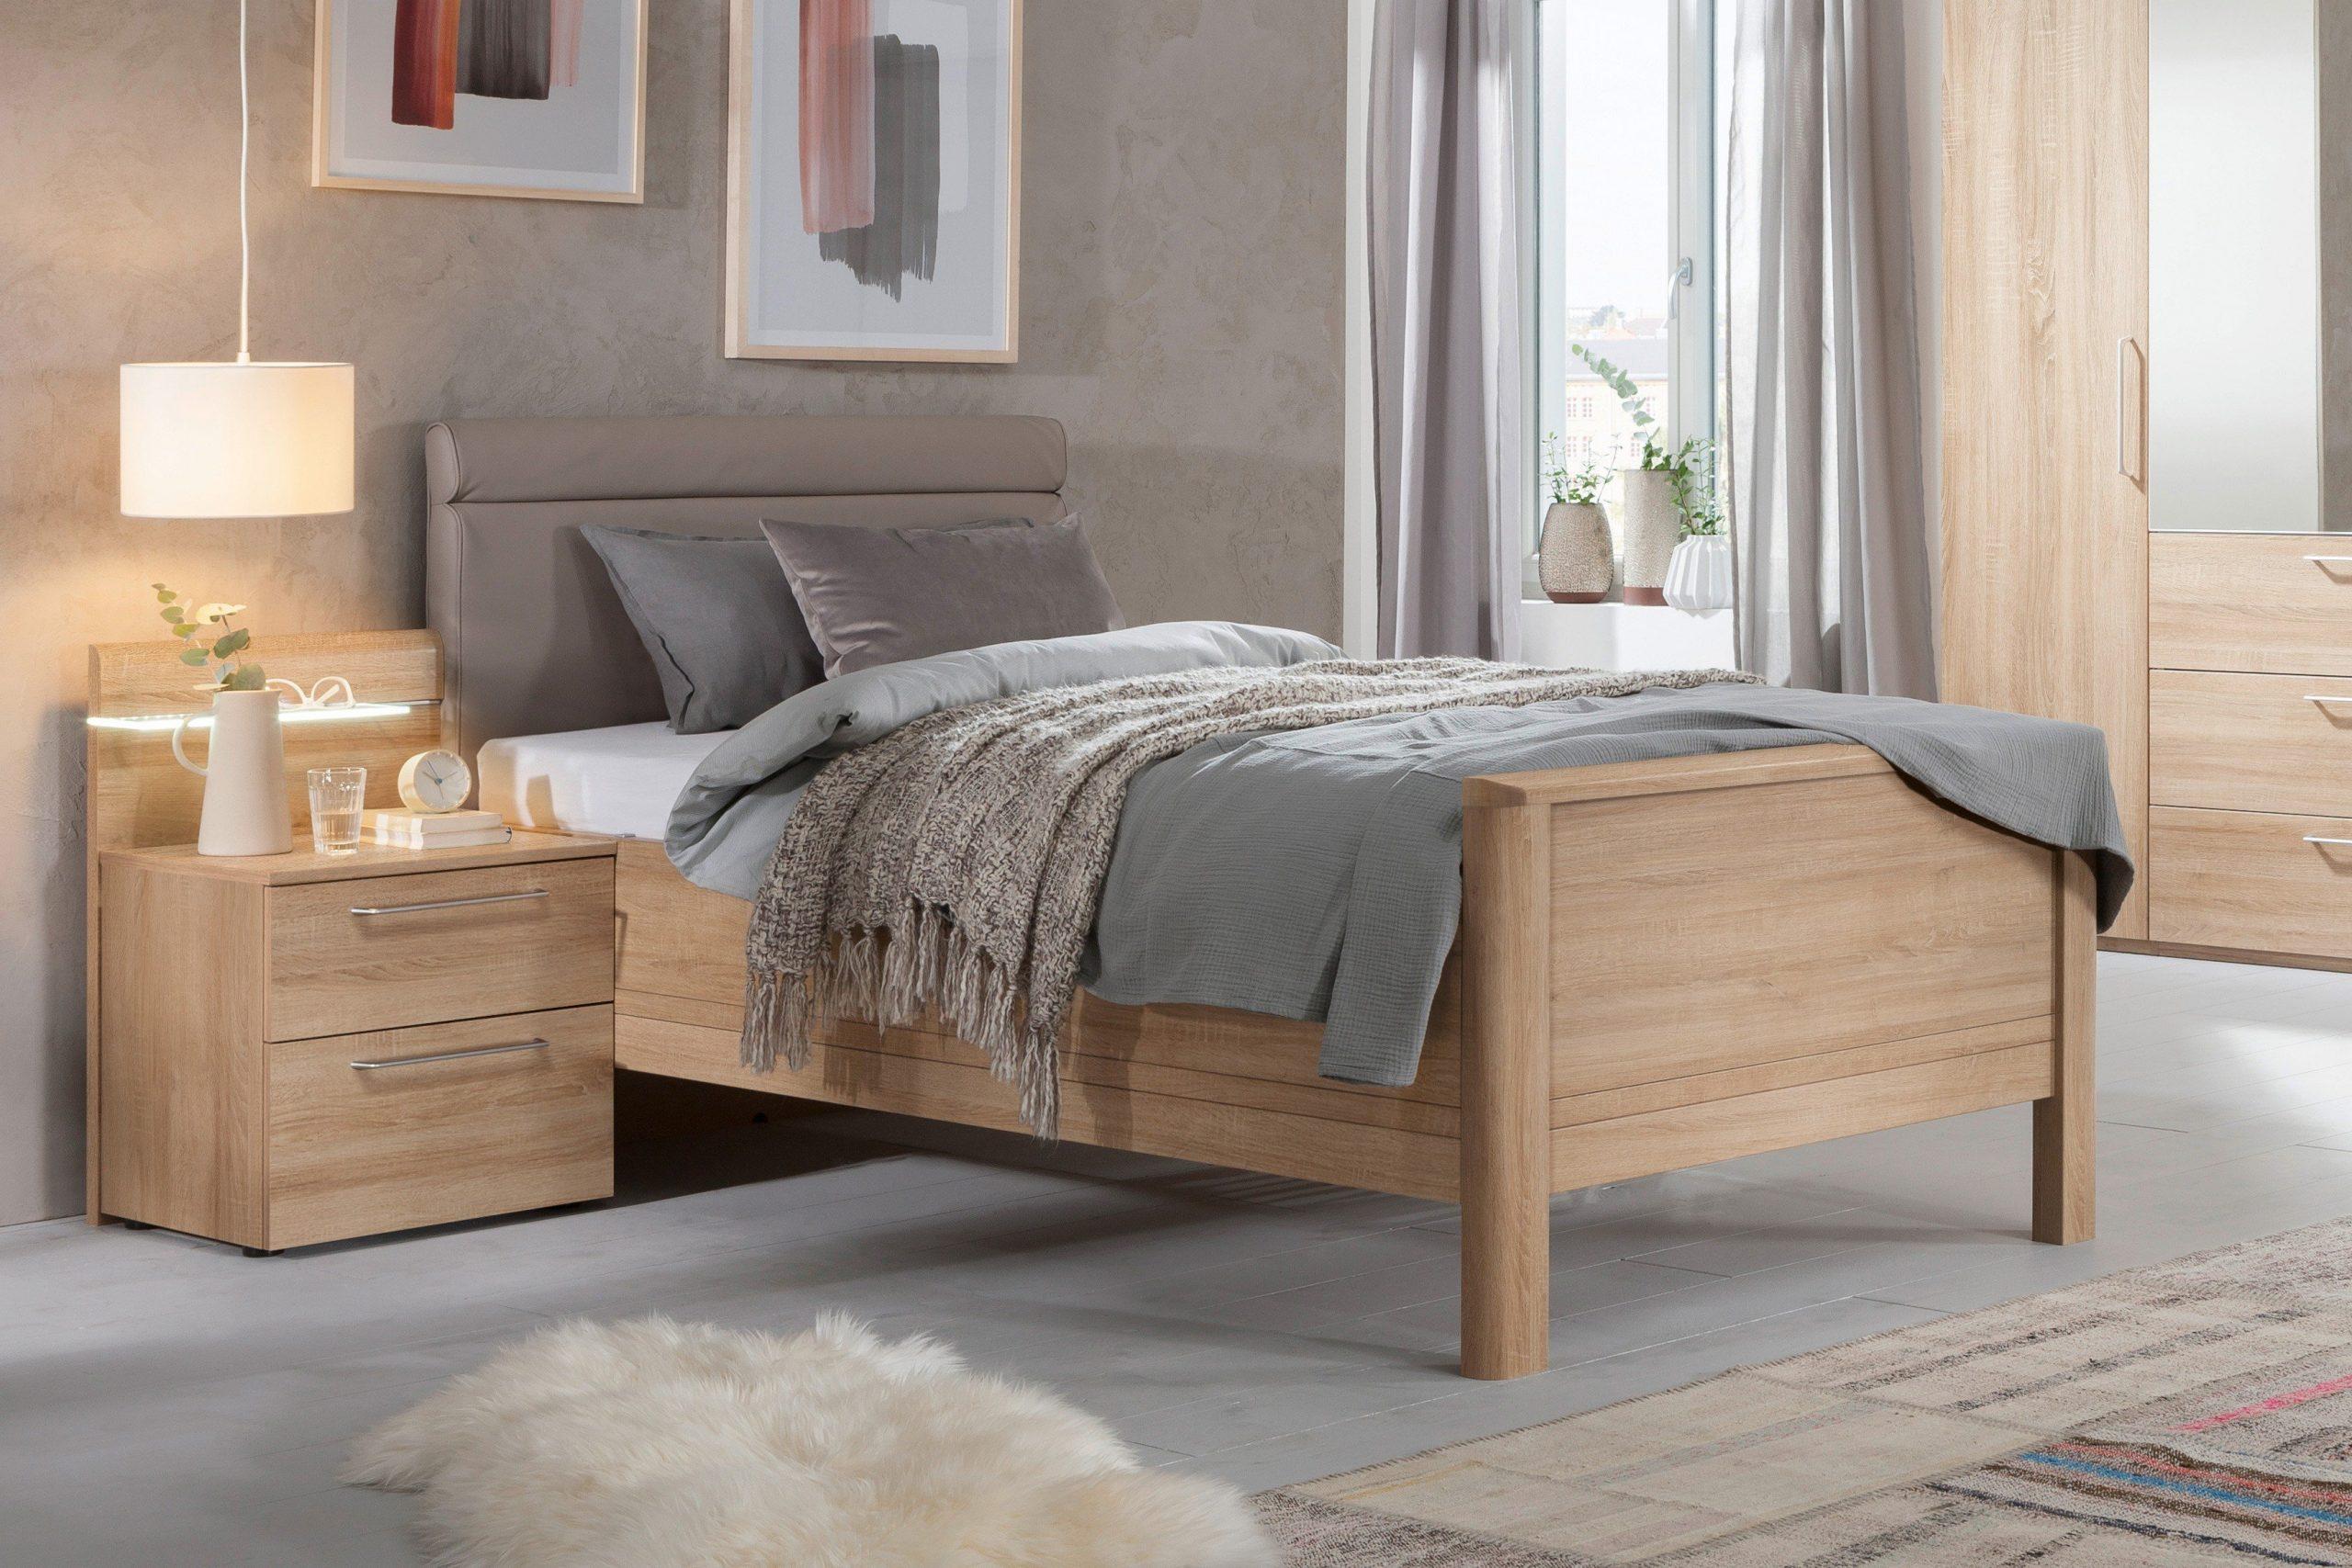 Full Size of Nolte Betten Bett 140x200 Preise Sonyo Doppelbett Konfigurator Germersheim Hagen 200x200 Mit Bettkasten Schlafzimmer Plus Bettenparadies Concept Me 510 Von Bett Nolte Betten